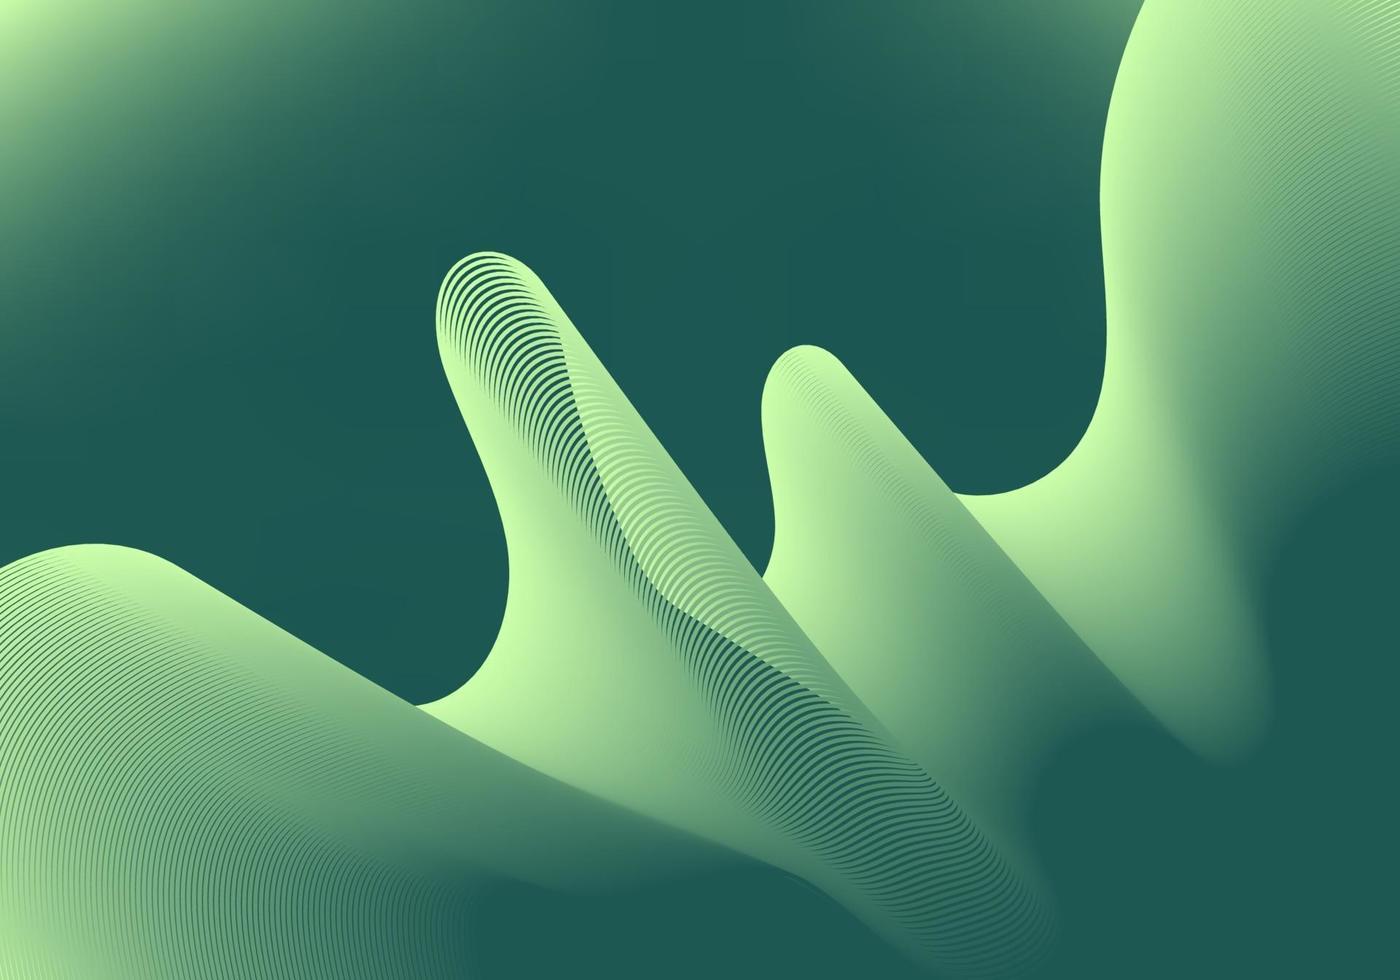 abstrakt gröna vågiga linjer tonad bakgrundsutrymme för din text. vektor